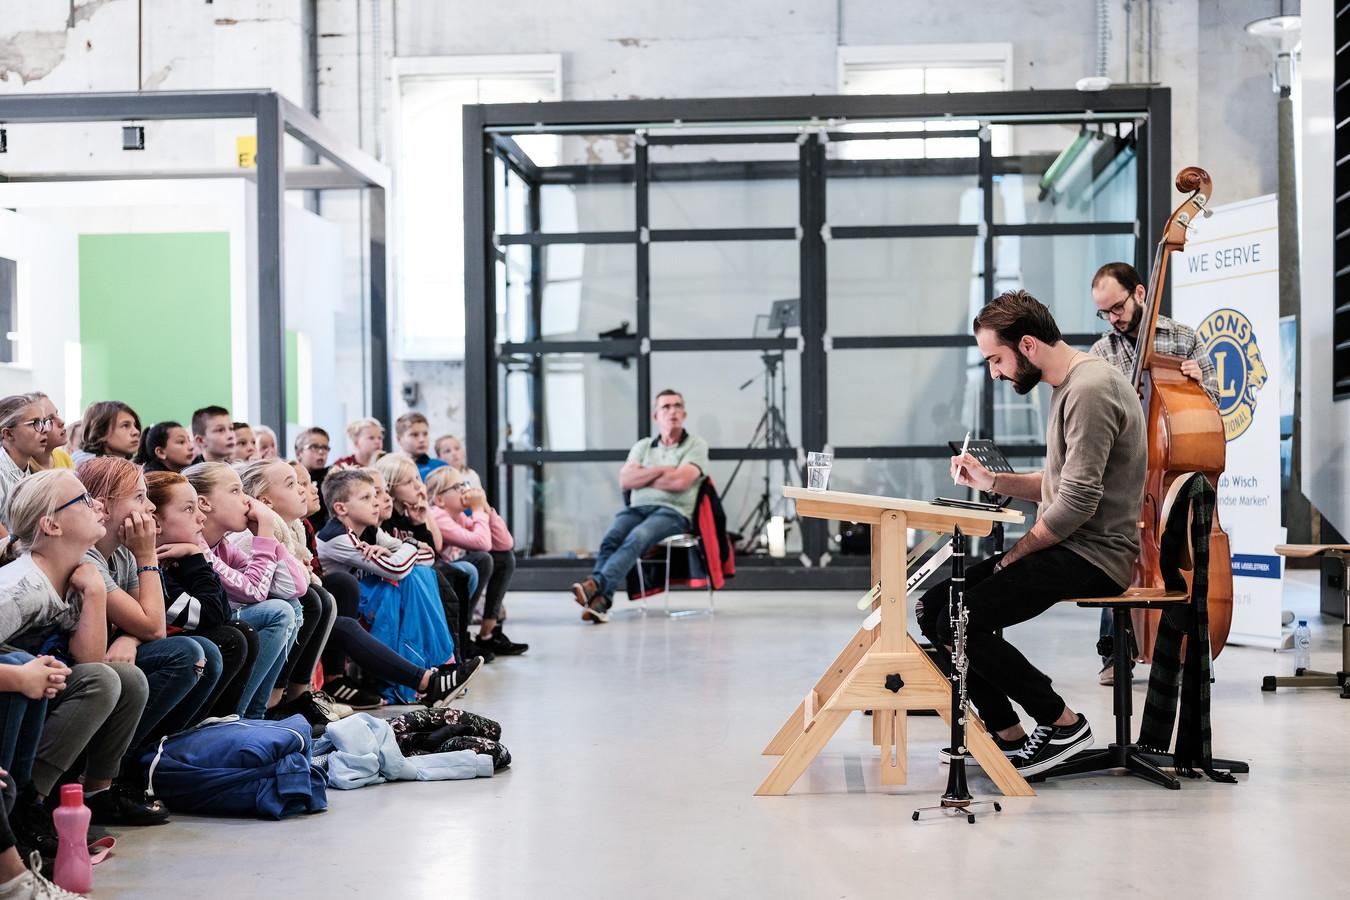 Haidar Habash tijdens een voorstelling voor scholieren, met zijn muzikale begeleiders Bariş Ofluoğlu en Ghaeth Almaghoot.